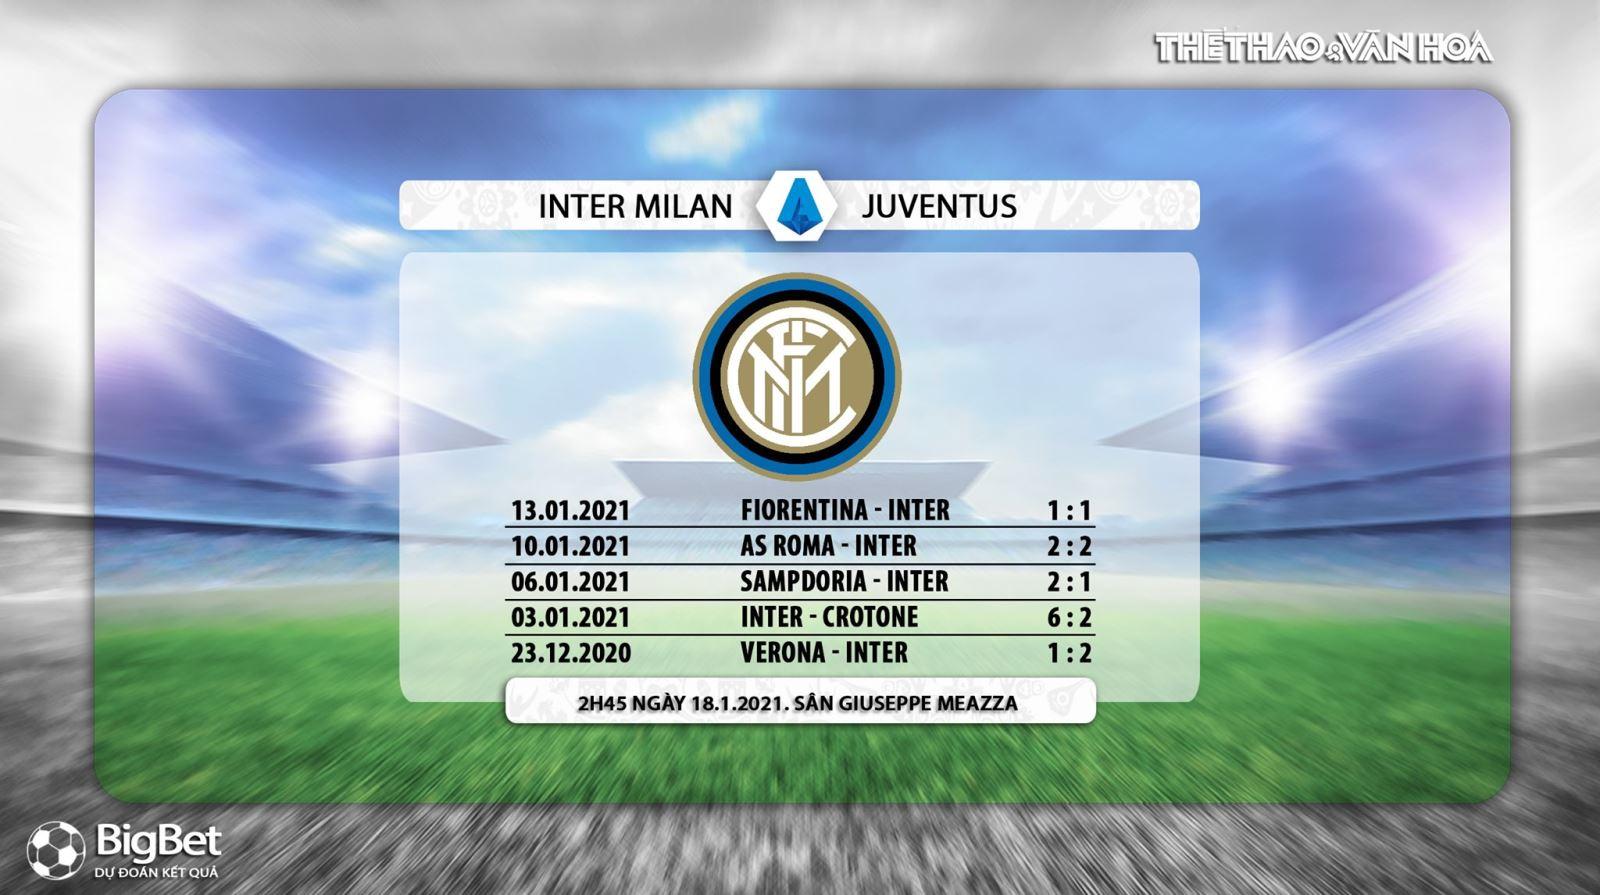 Keo nha cai, kèo nhà cái, Inter vs Juventus. Xem trực tiếp Juve đấu với Inter, Soi kèo Inter vs Juventus, Vòng 16 Serie A, Trực tiếp FPT Play, Kèo Juventus, Kèo Inter